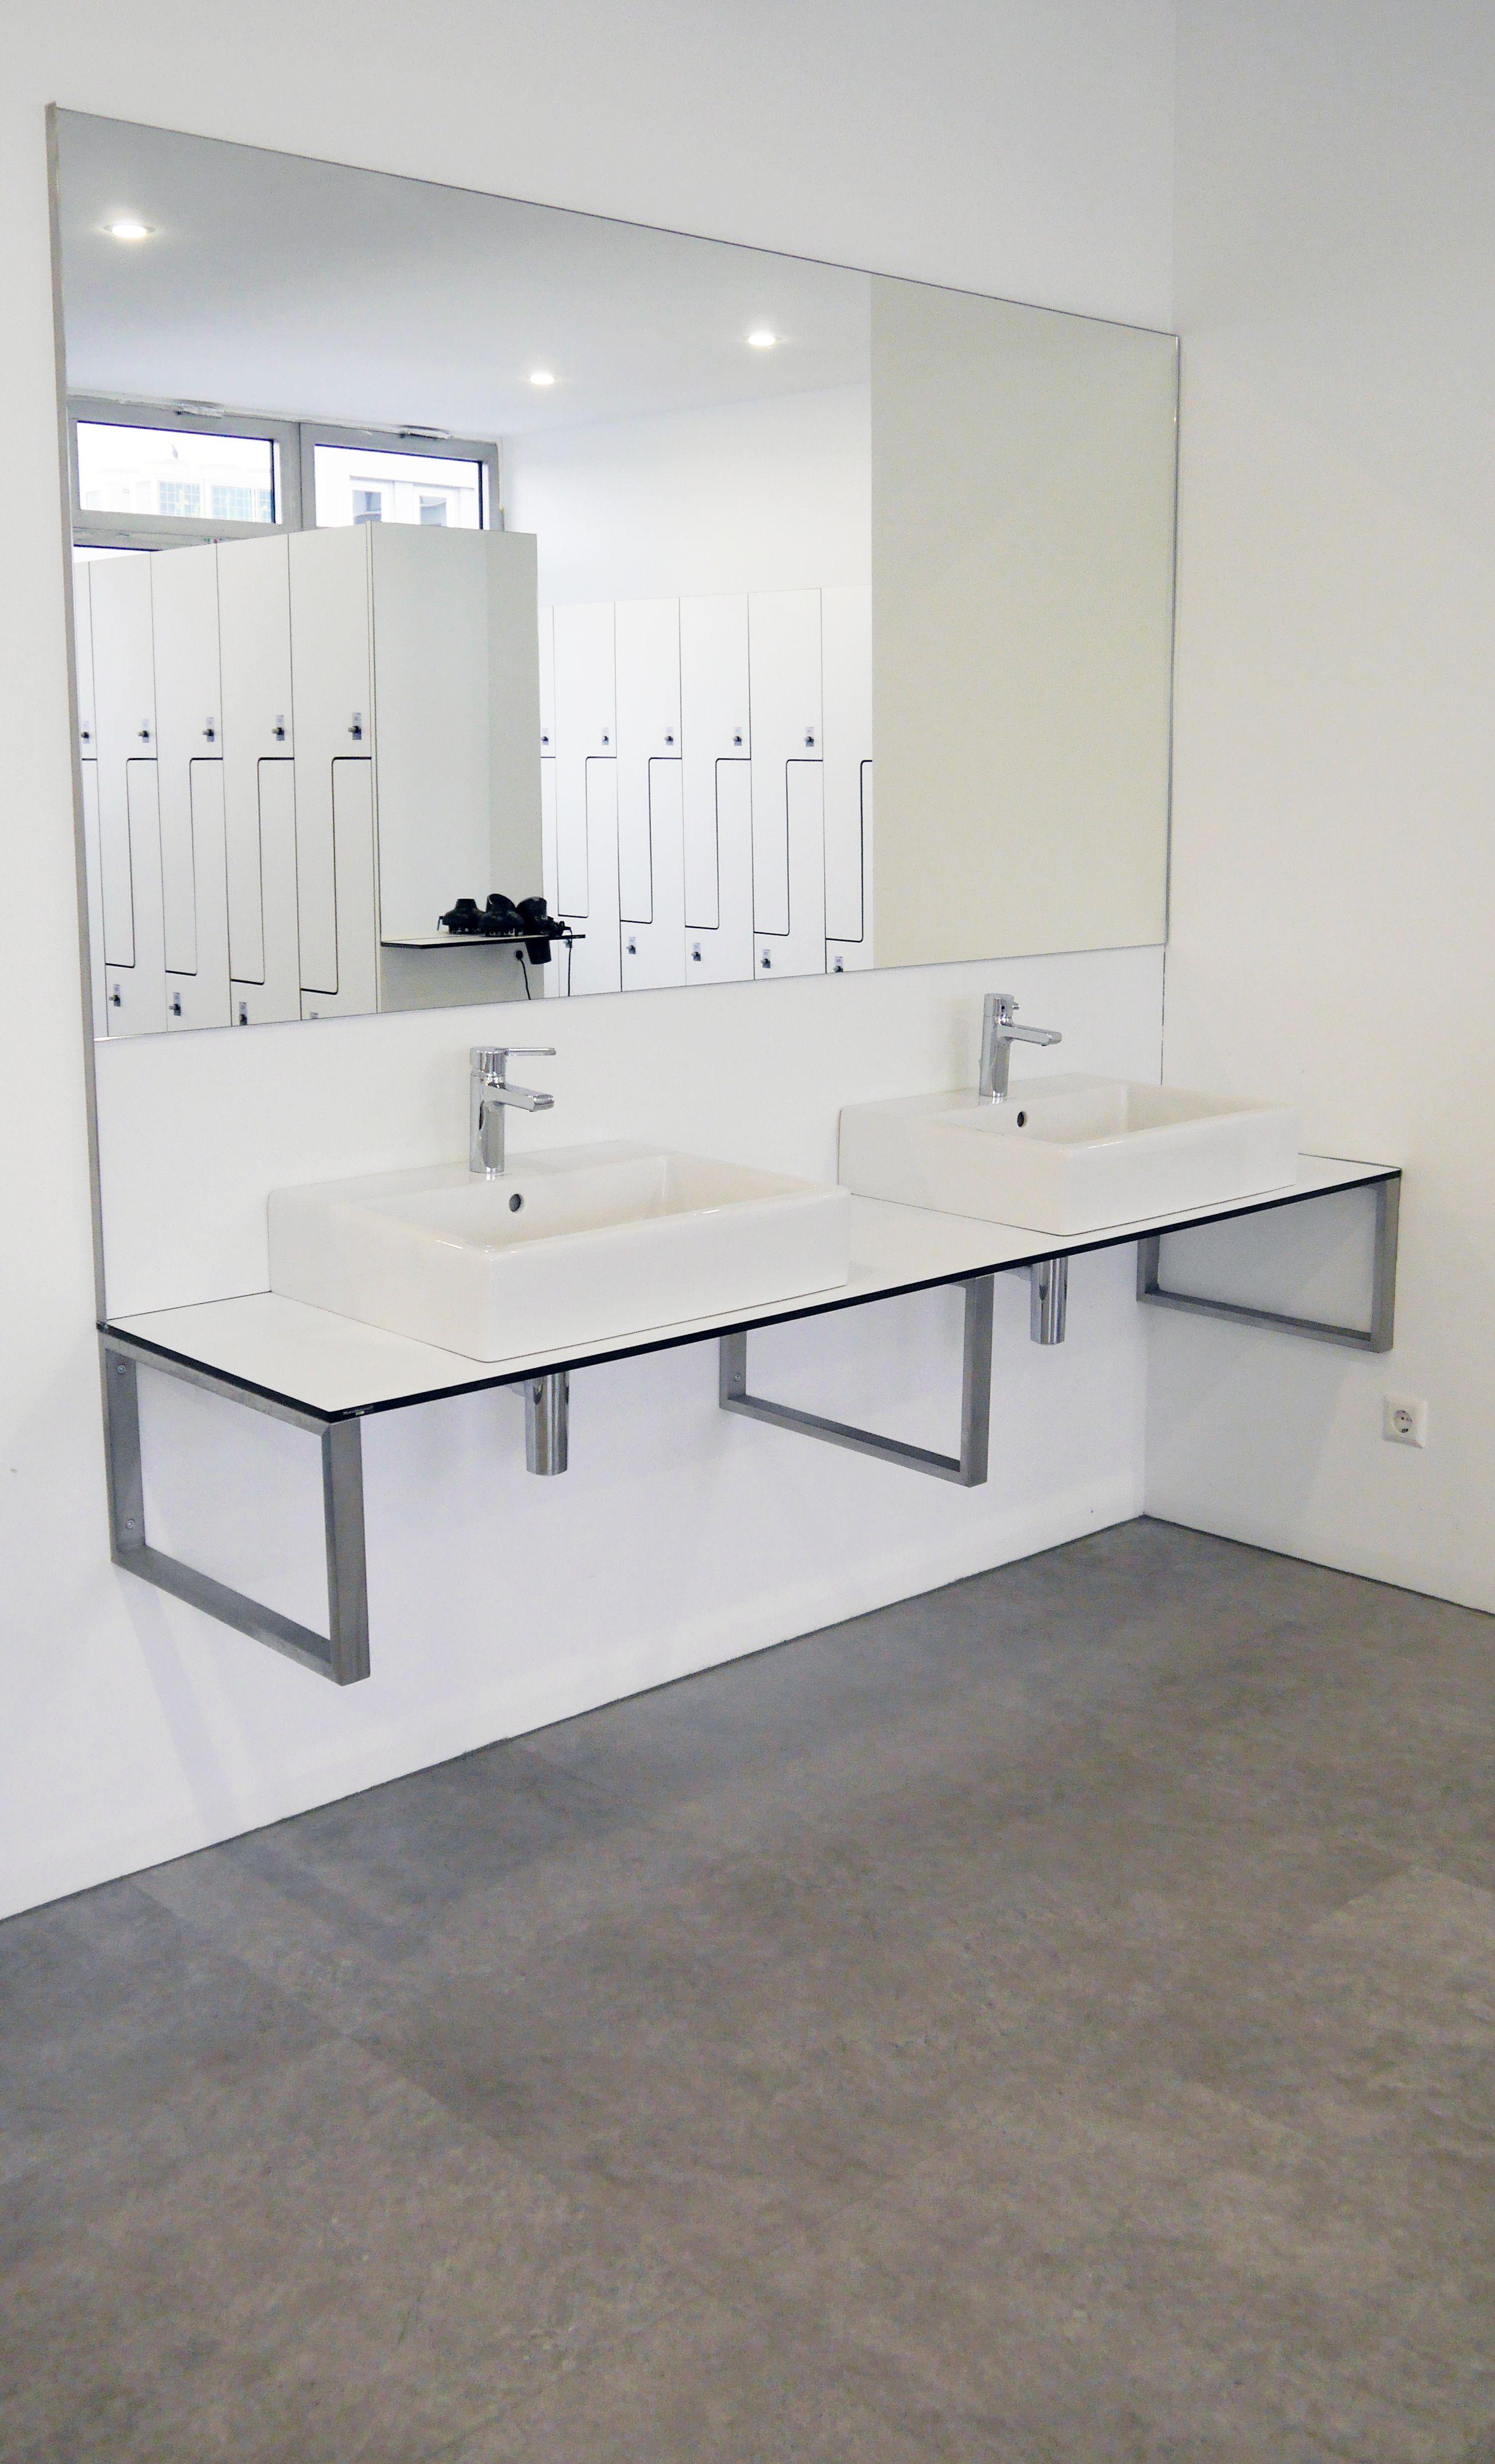 Waschtisch mit Doppelwaschbecken und Spiegel. Maßgefertigte ...